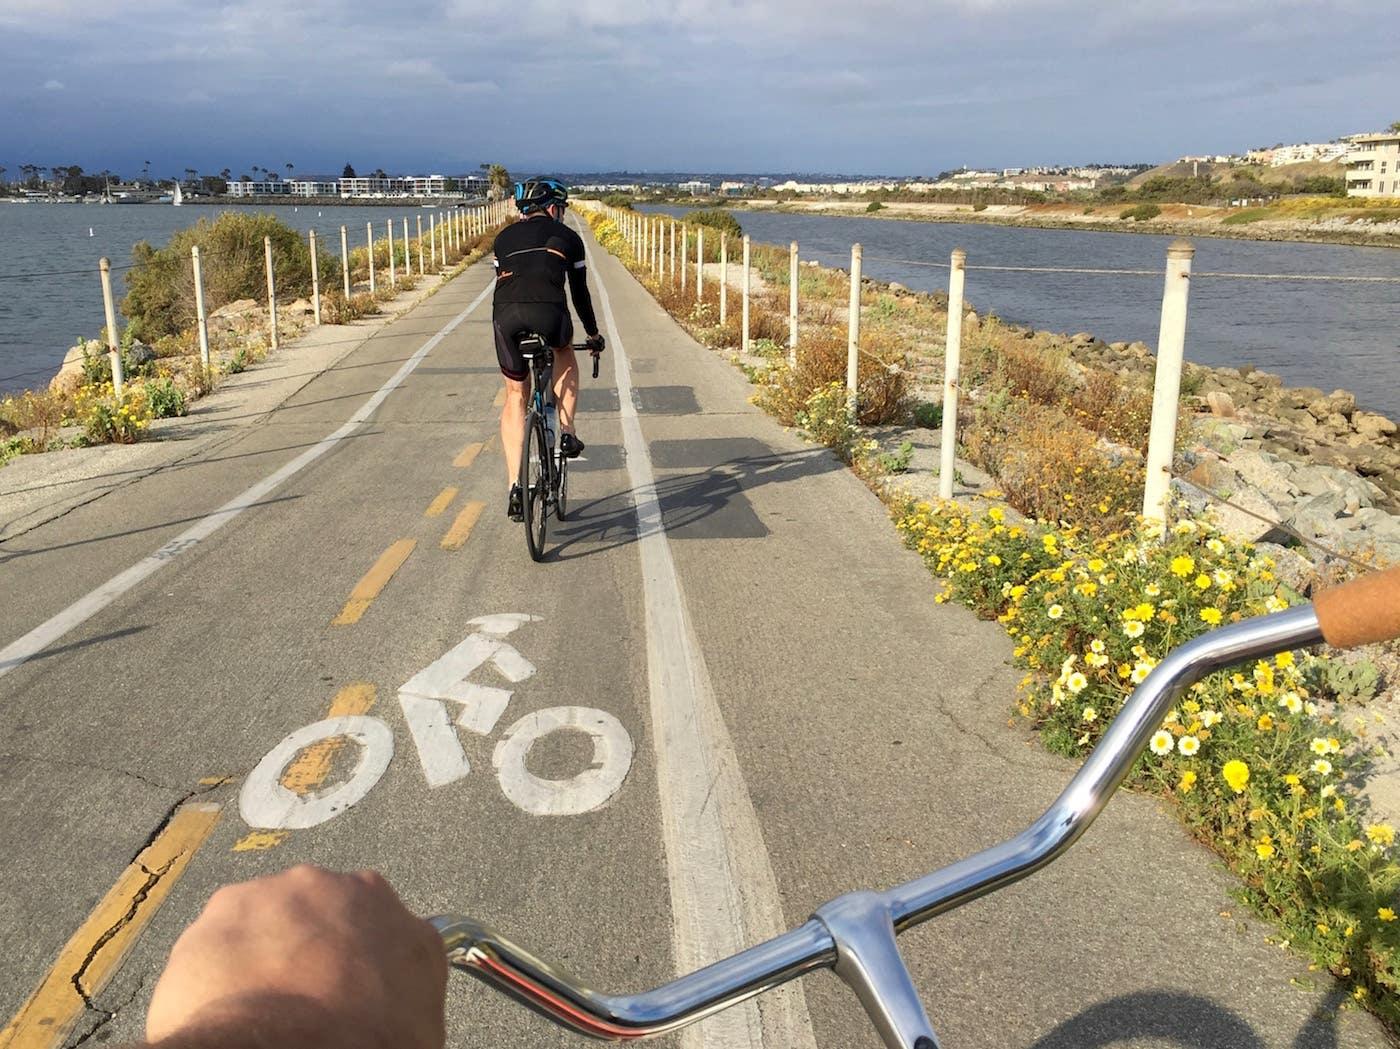 Marvin Braude Bike Trail in Playa del Rey